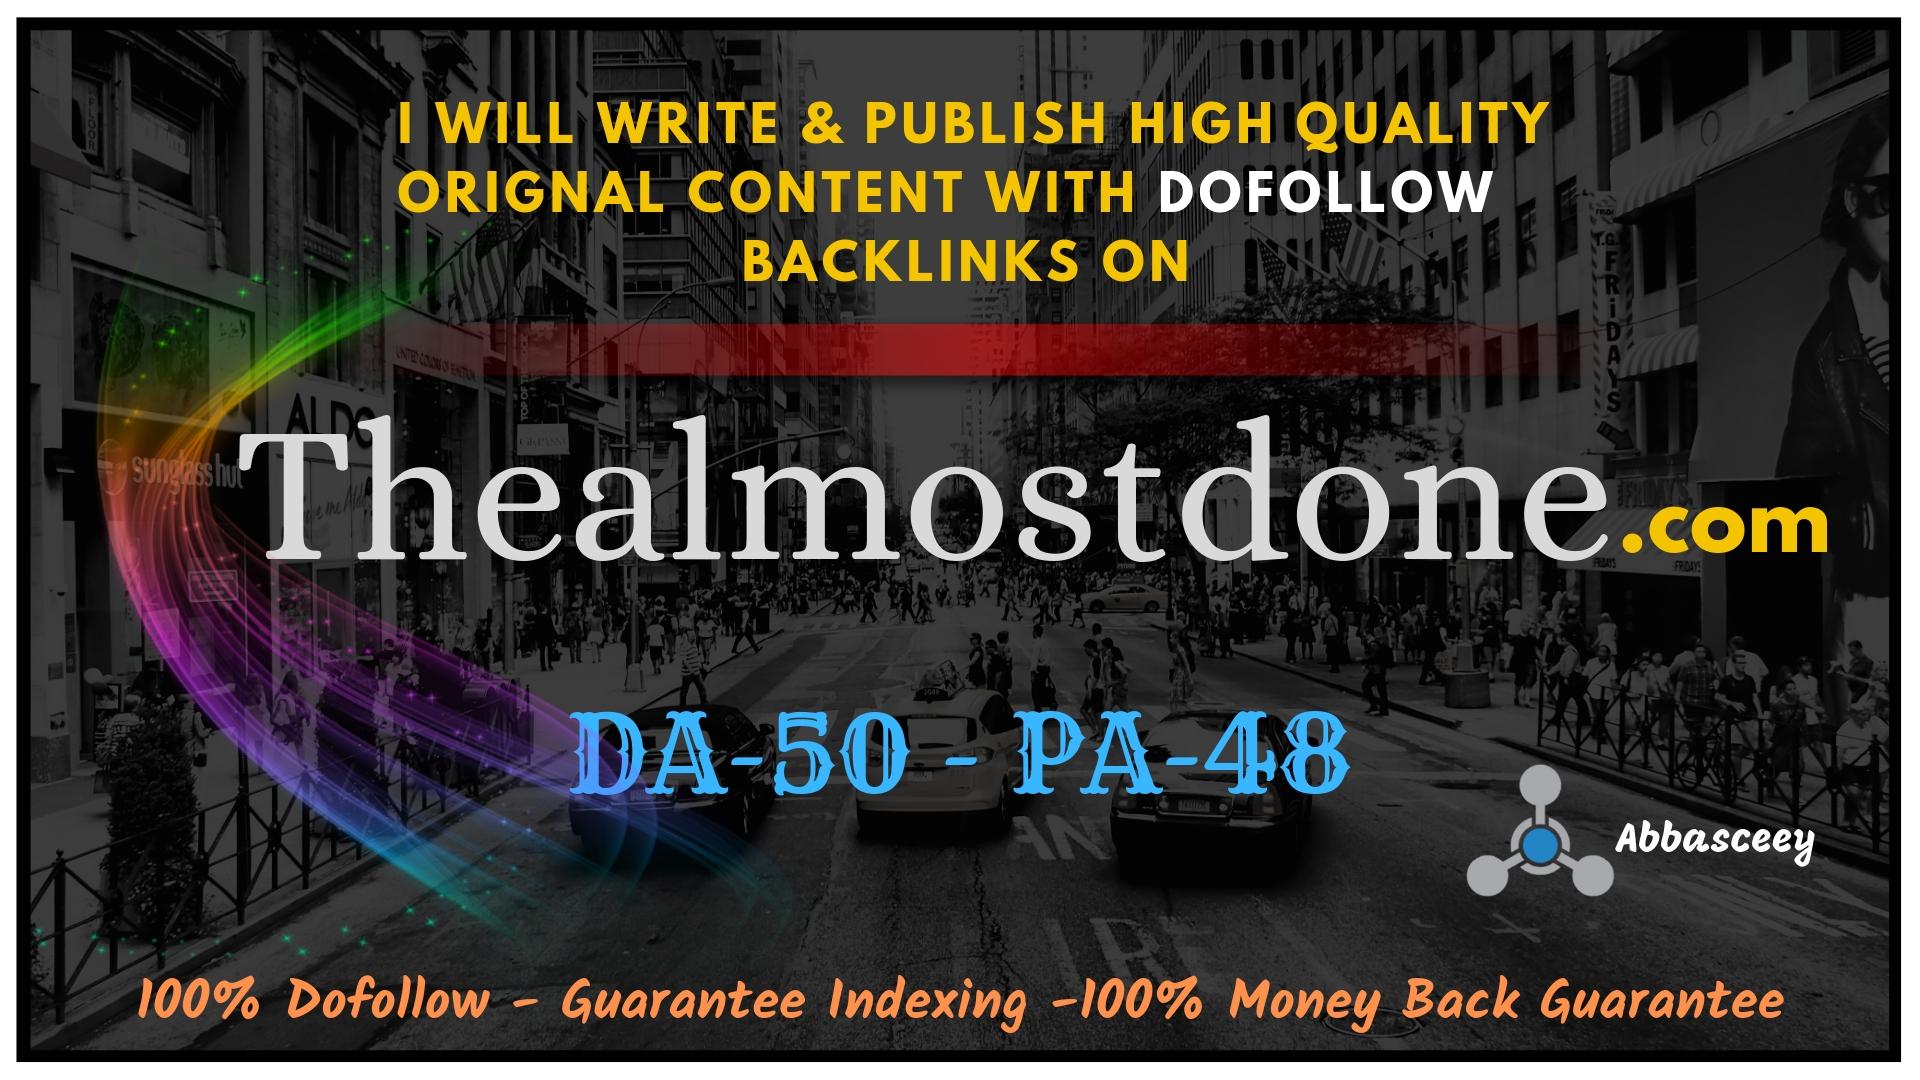 Guest Post on thealmostdone DA-50